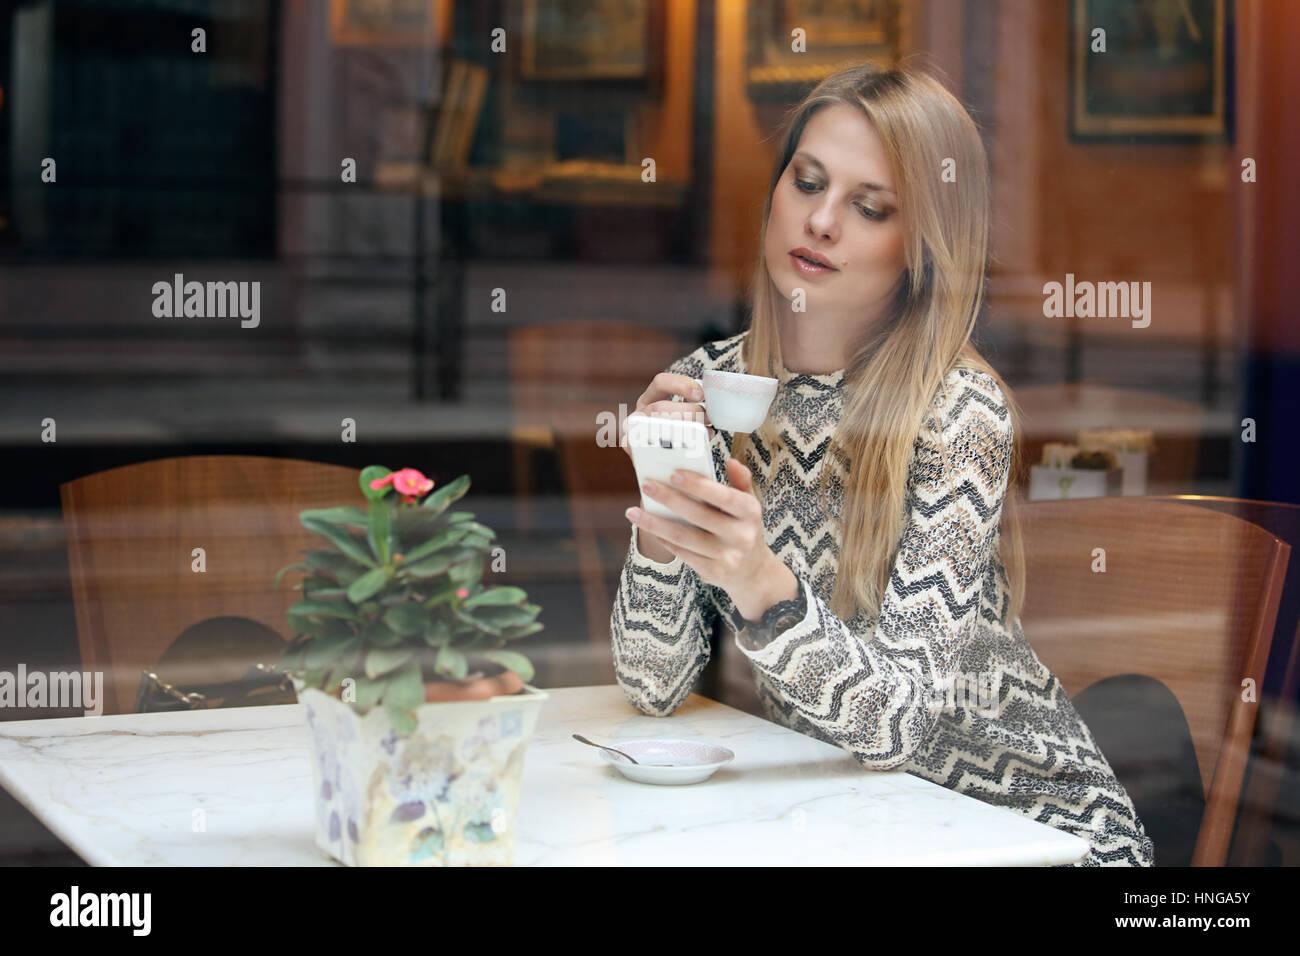 Hermosa chica utilizando su teléfono móvil en el café. Estilo de vida urbano Imagen De Stock